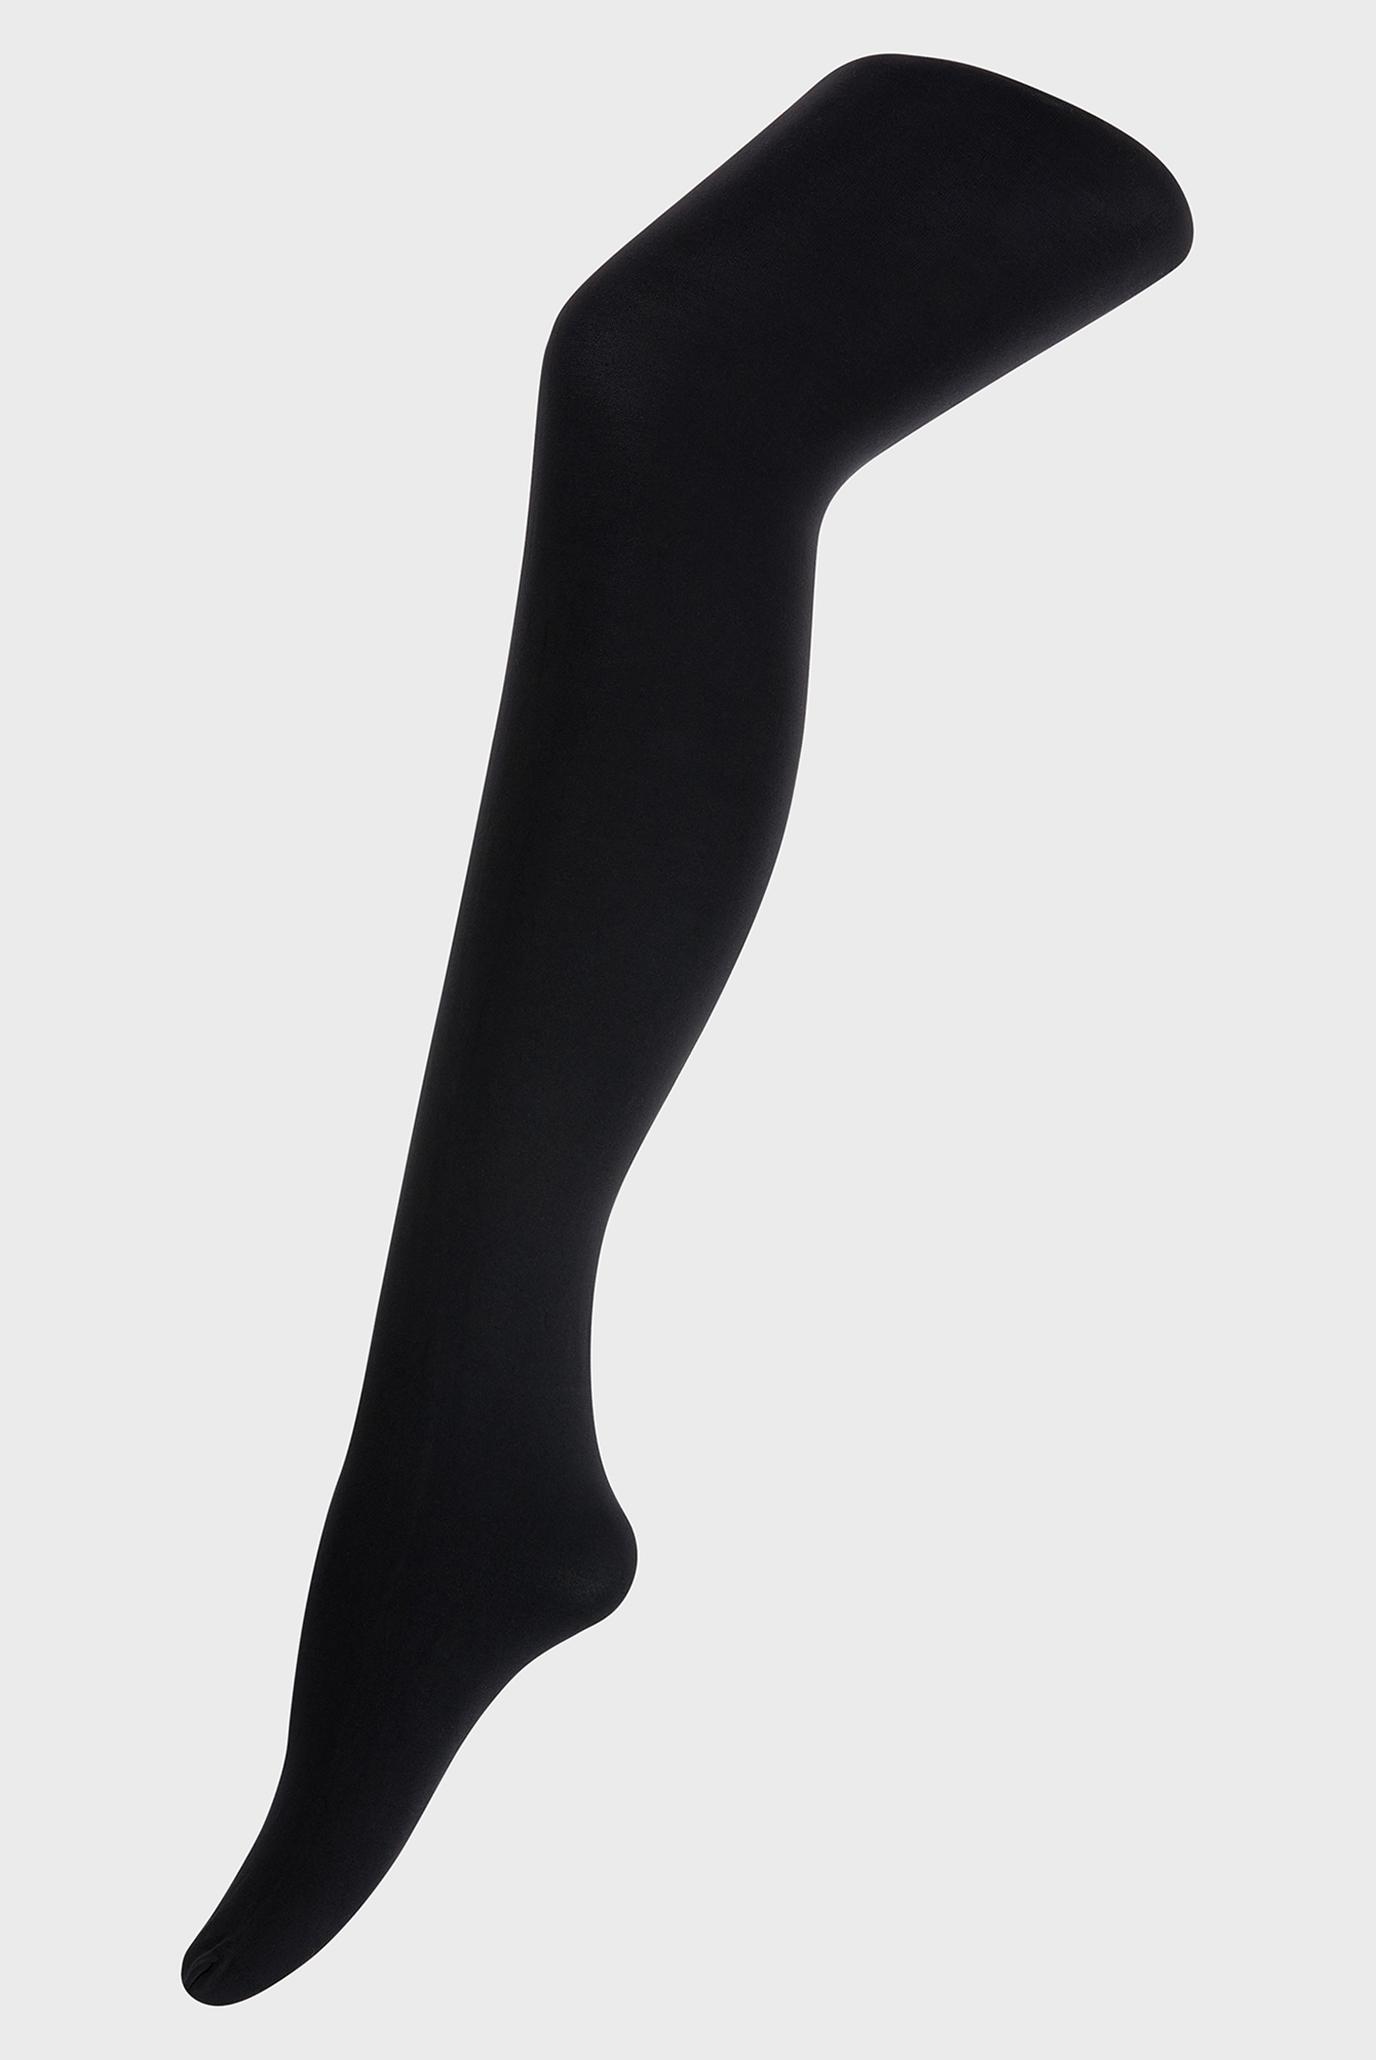 Купить Женские черные колготки 90 DEN OPAQUE TIGHTS Accessorize Accessorize 596223 – Киев, Украина. Цены в интернет магазине MD Fashion